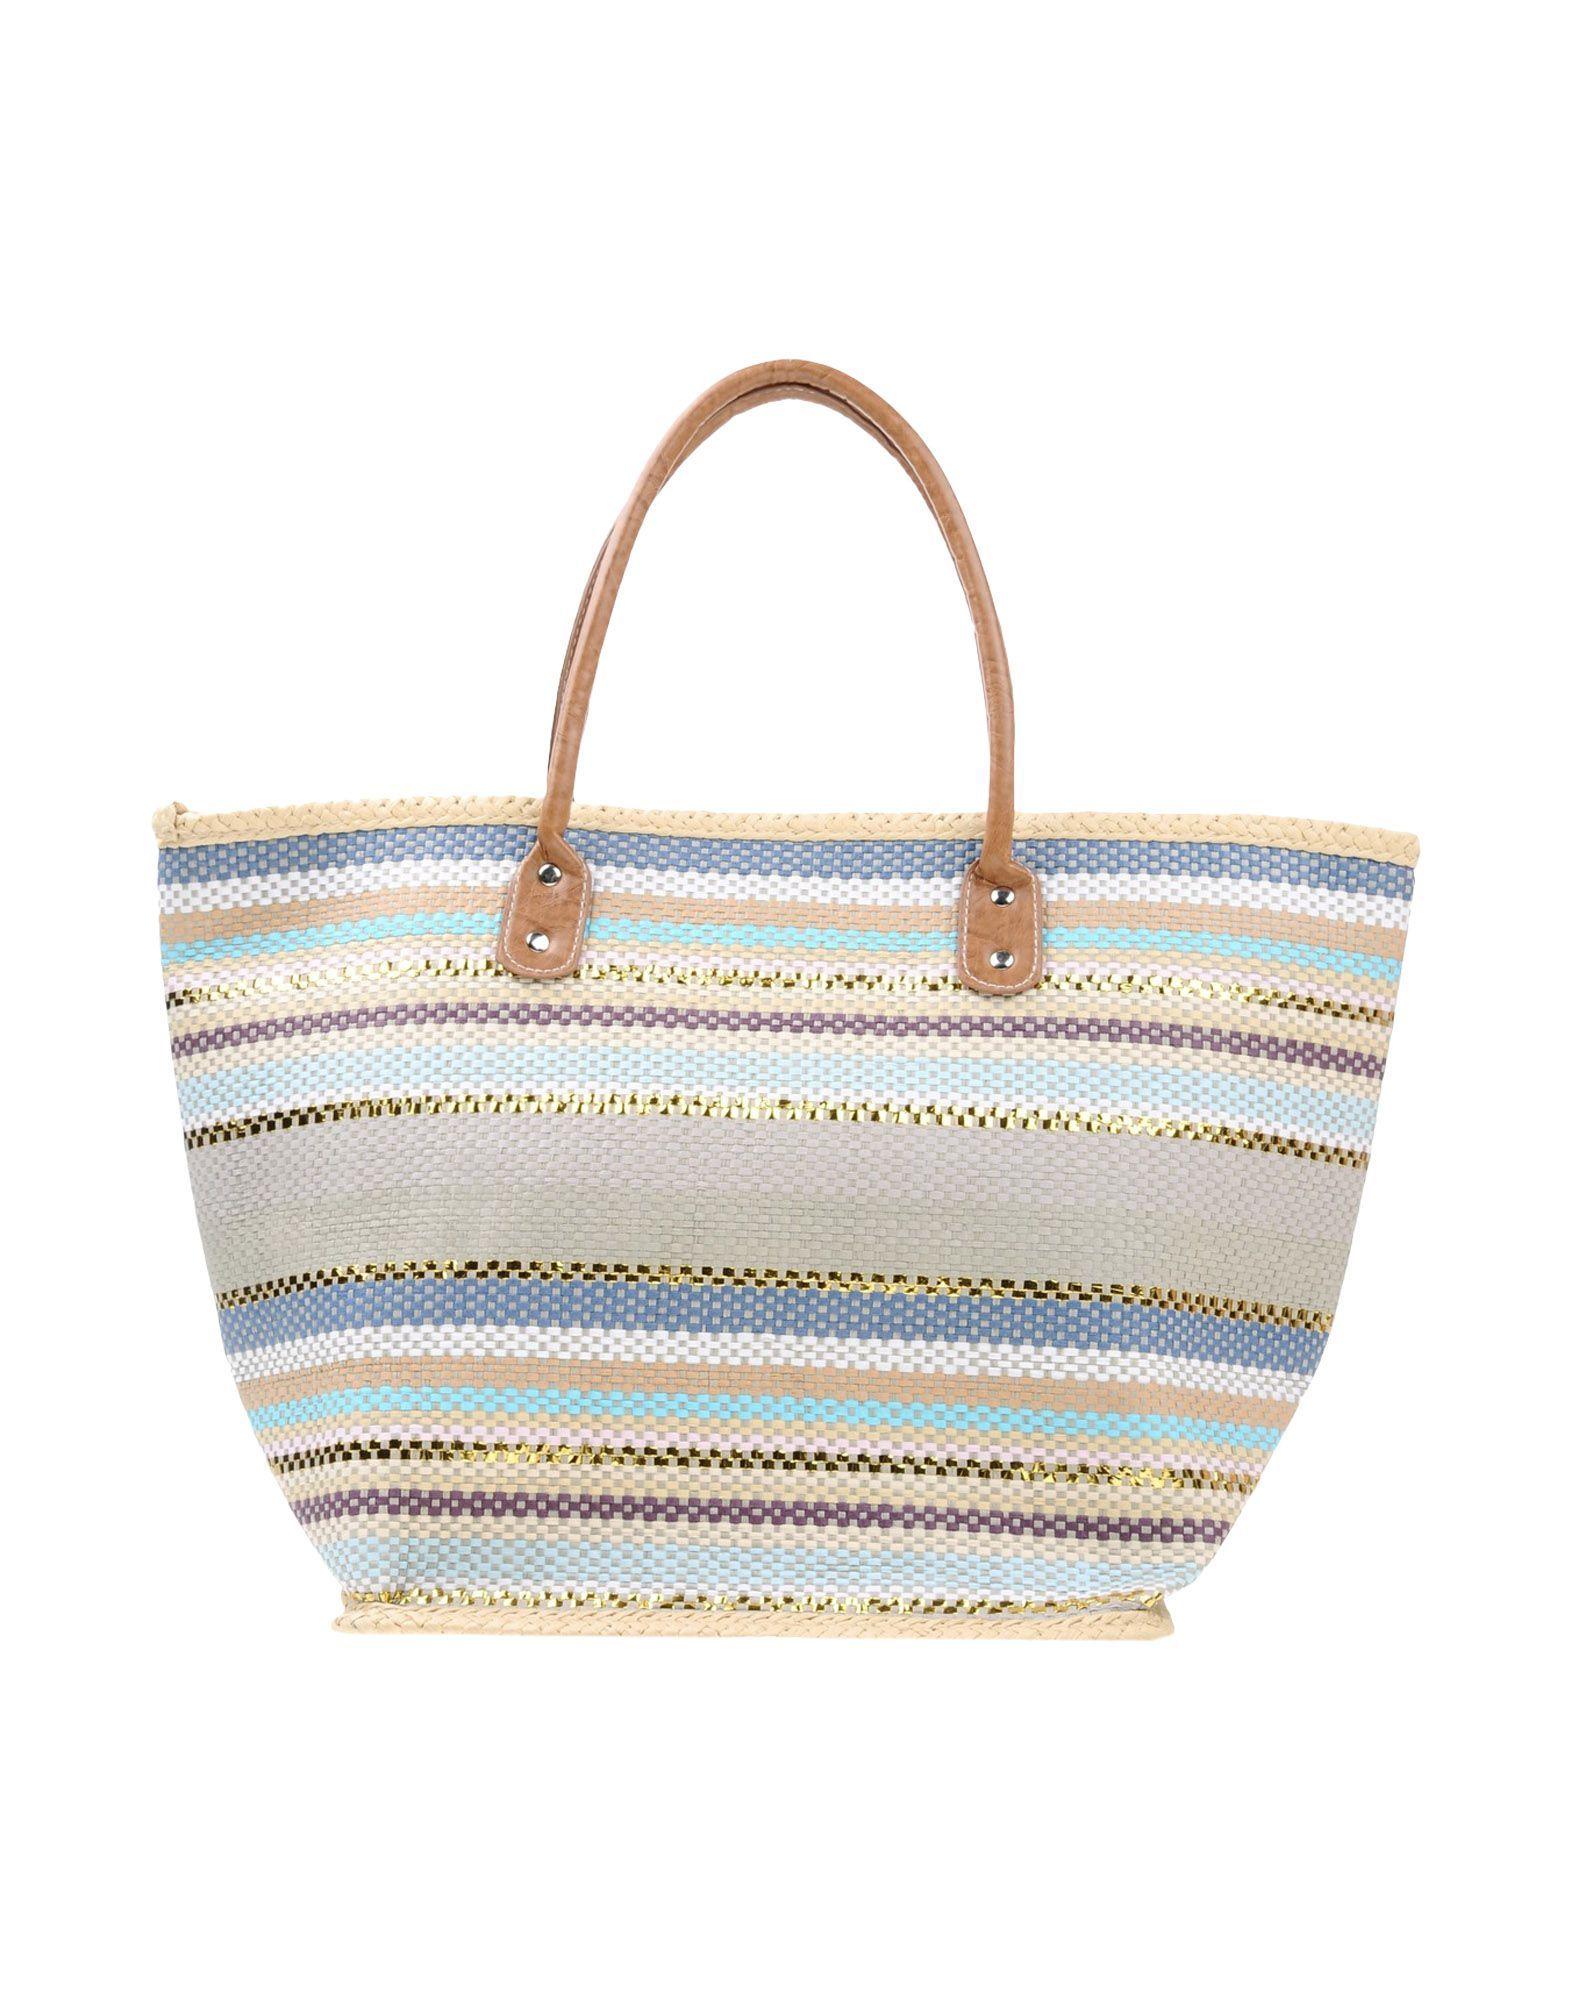 BAGS - Handbags Molly Bracken KJGidF